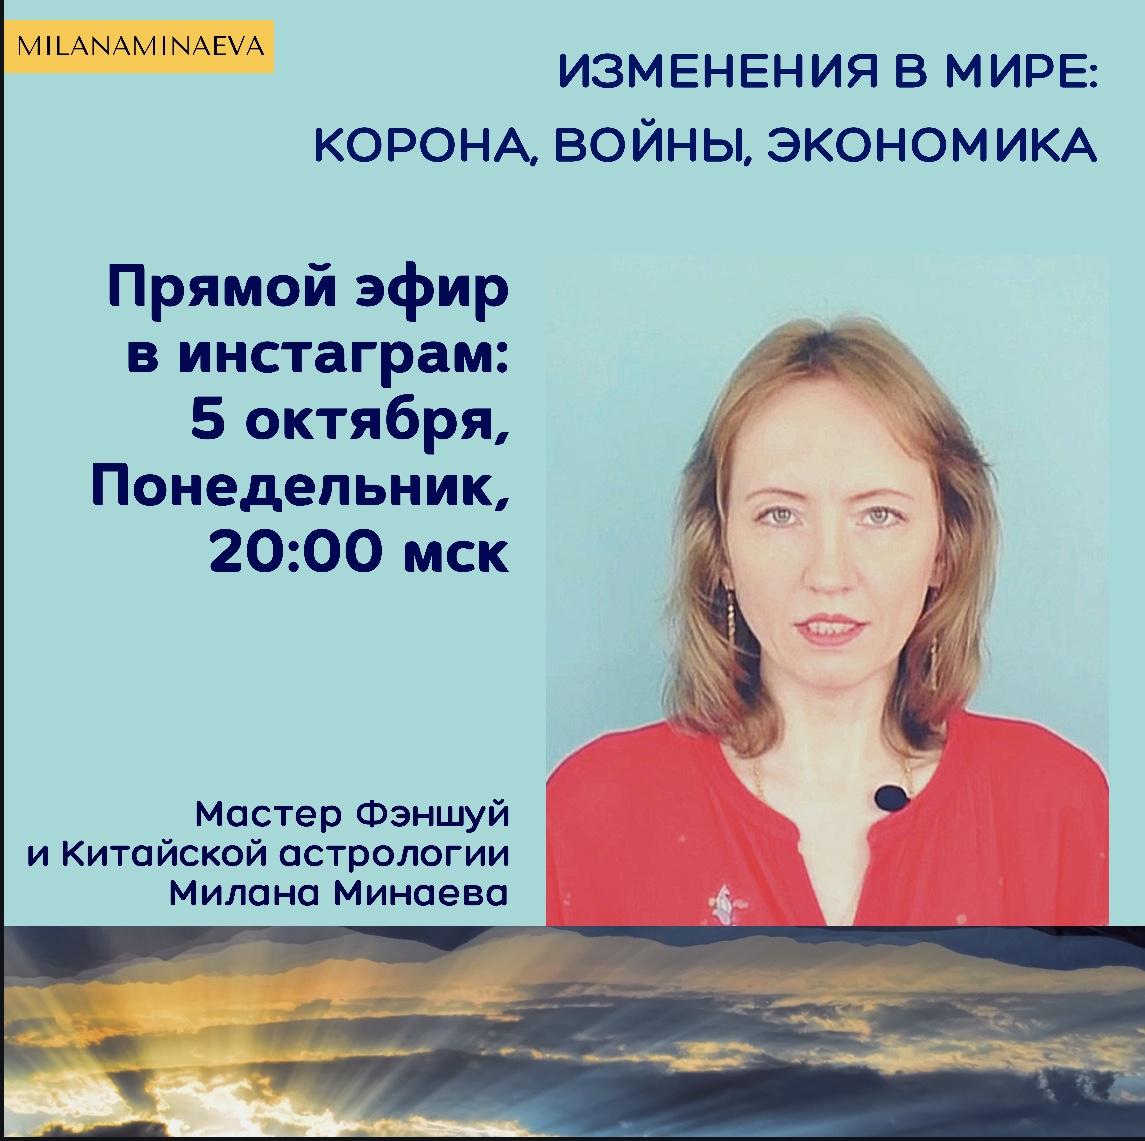 Милана Минаева - прямой эфир - Milana.Ru